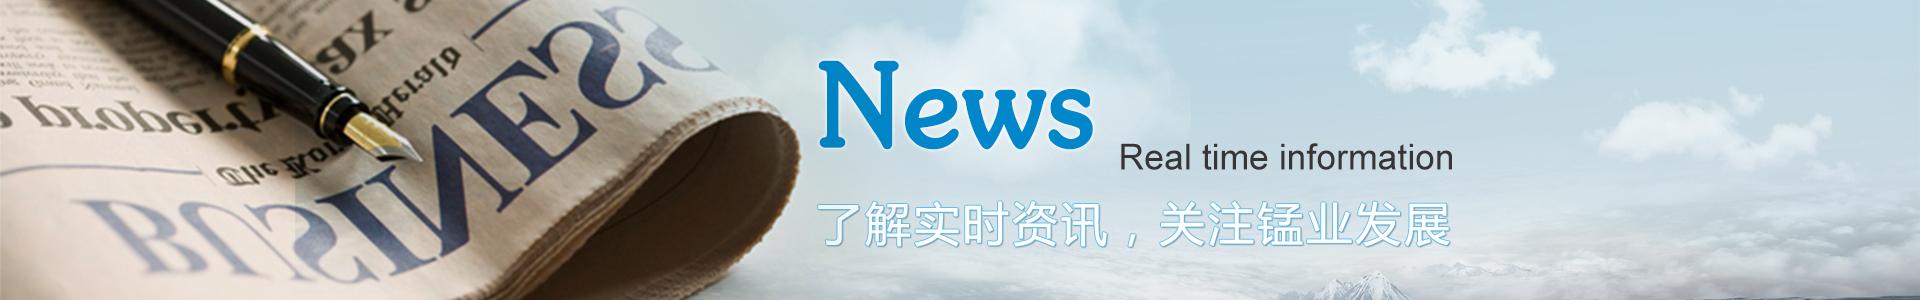 新闻资讯_新闻资讯 ews and information